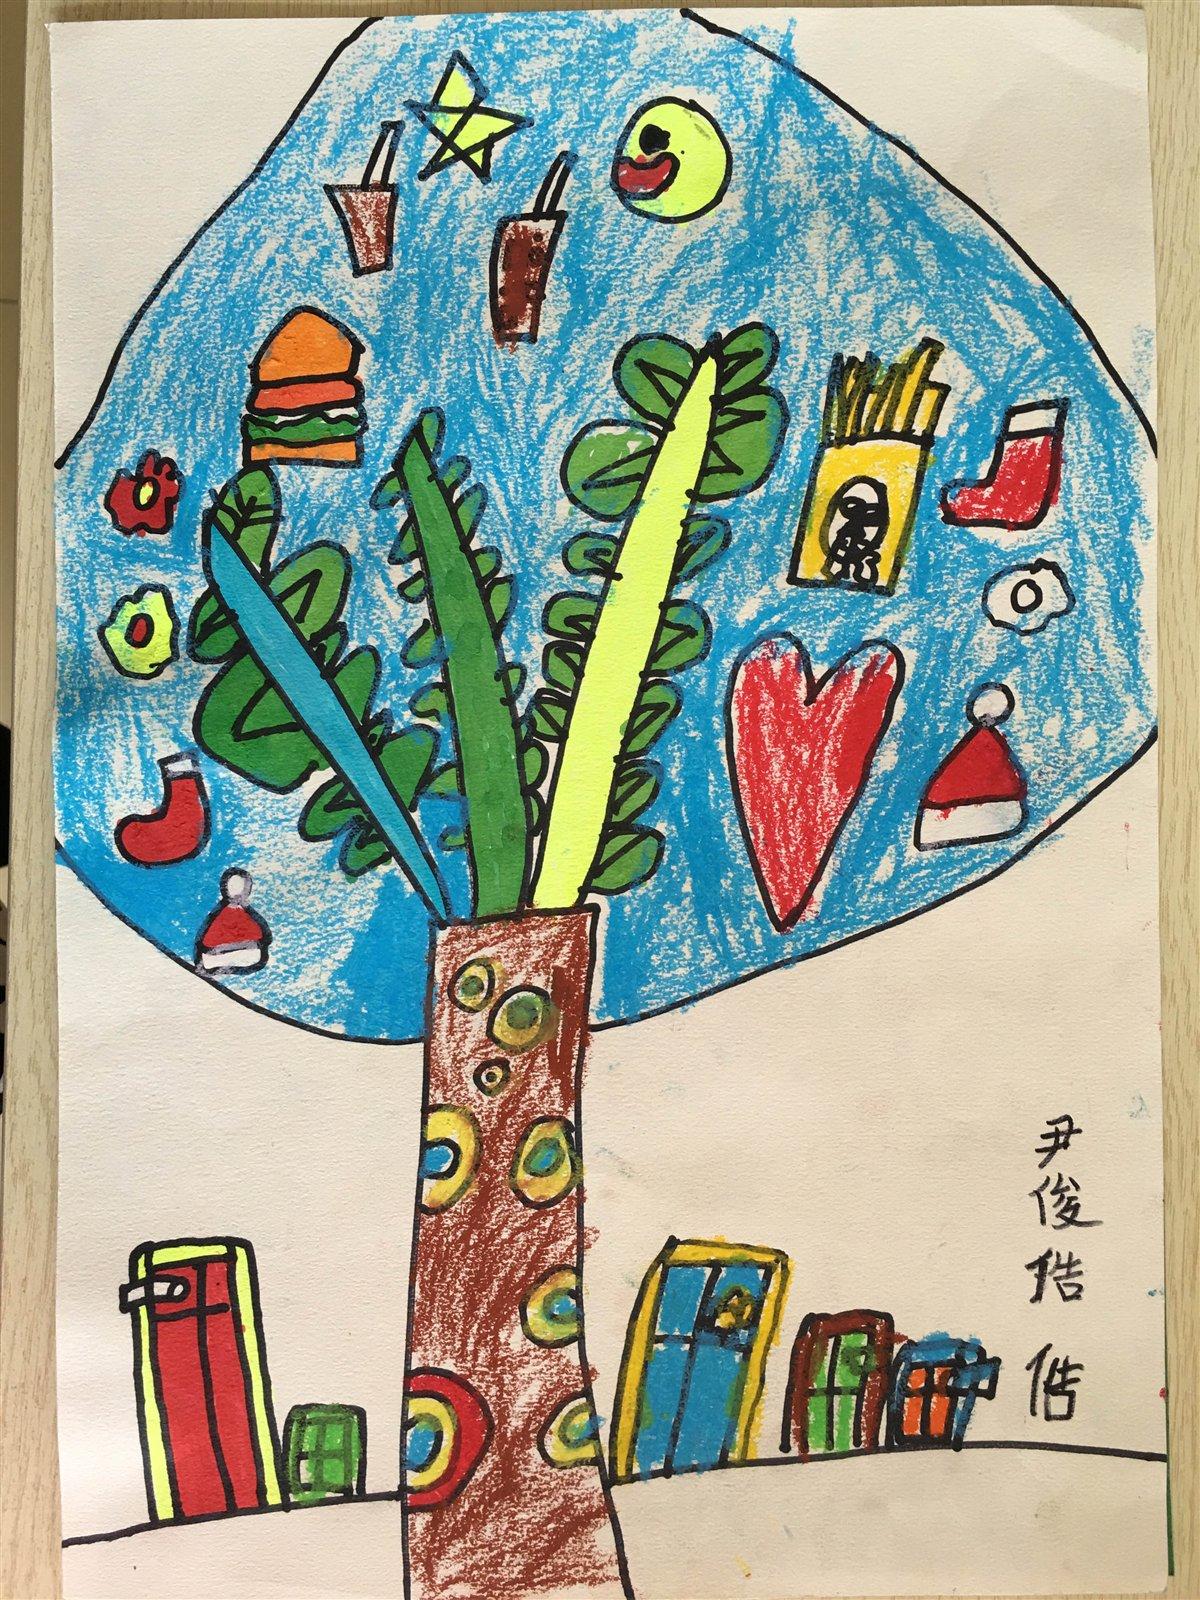 画睢宁的风景儿童画